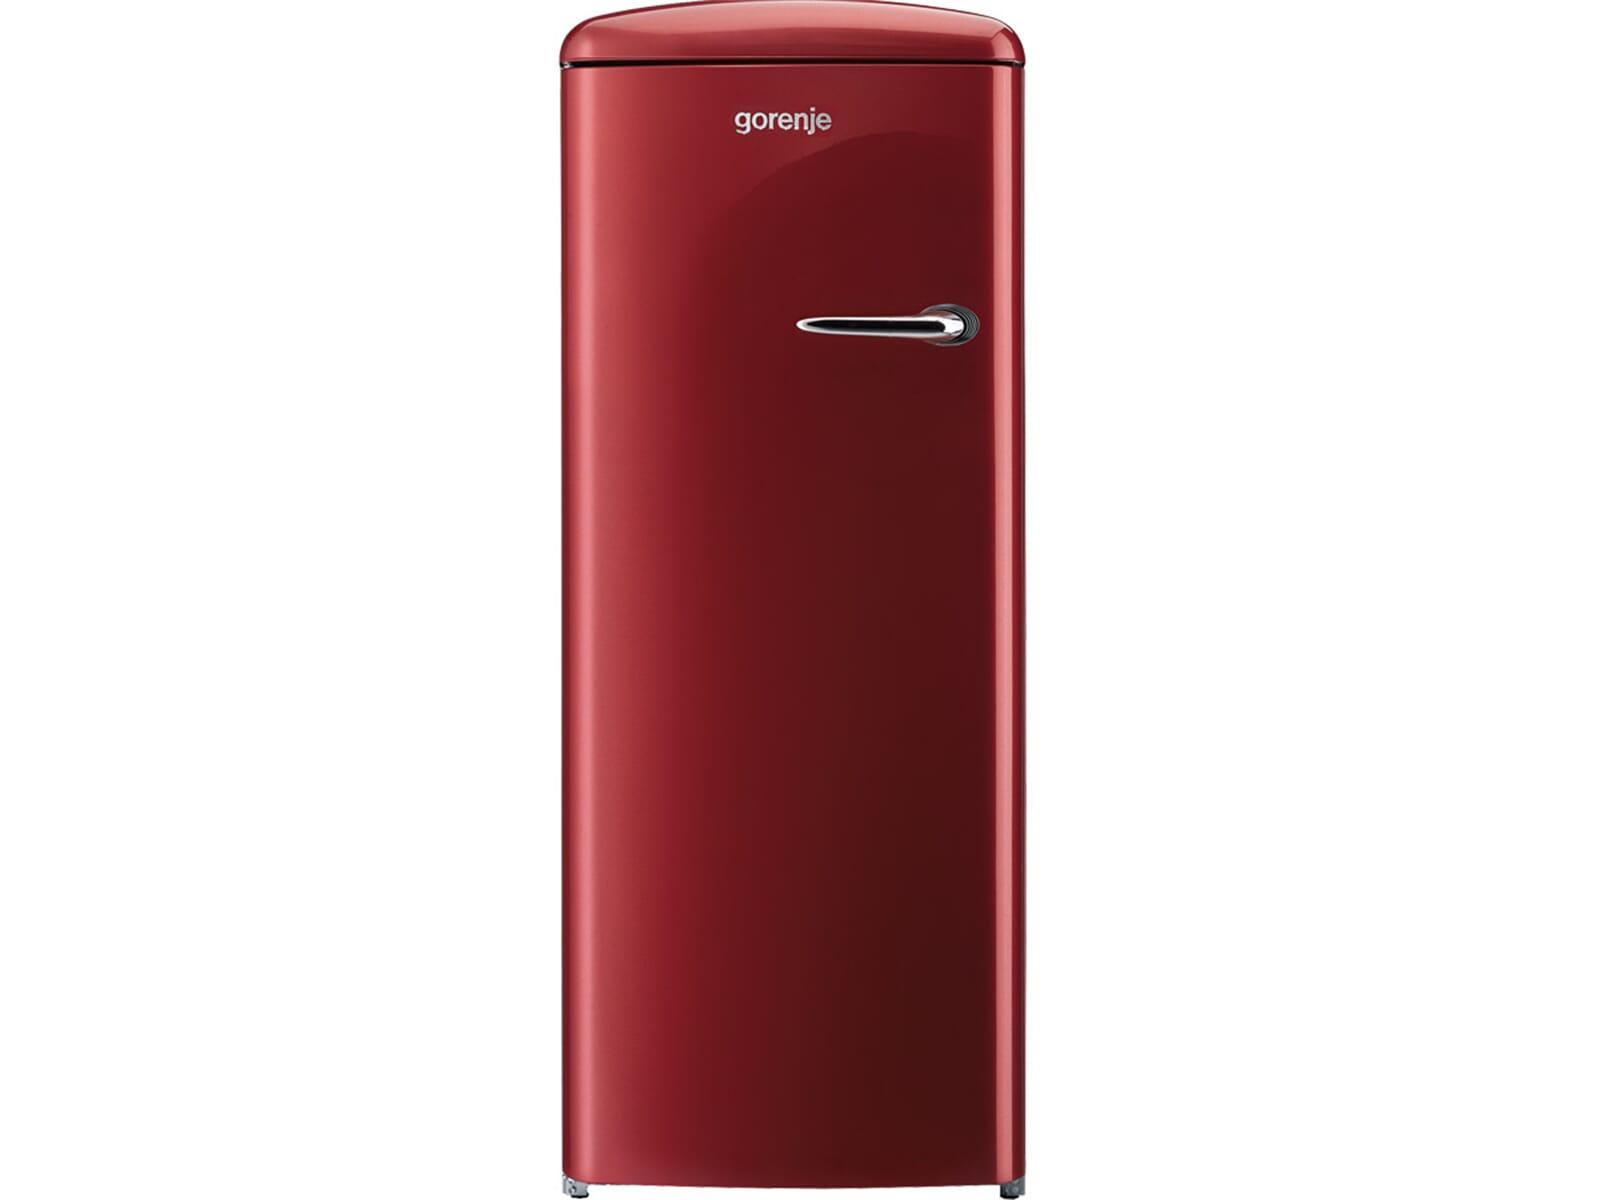 Gorenje Kühlschrank Qualität : Gorenje retro kühlschrank preisvergleich tracie a weeks